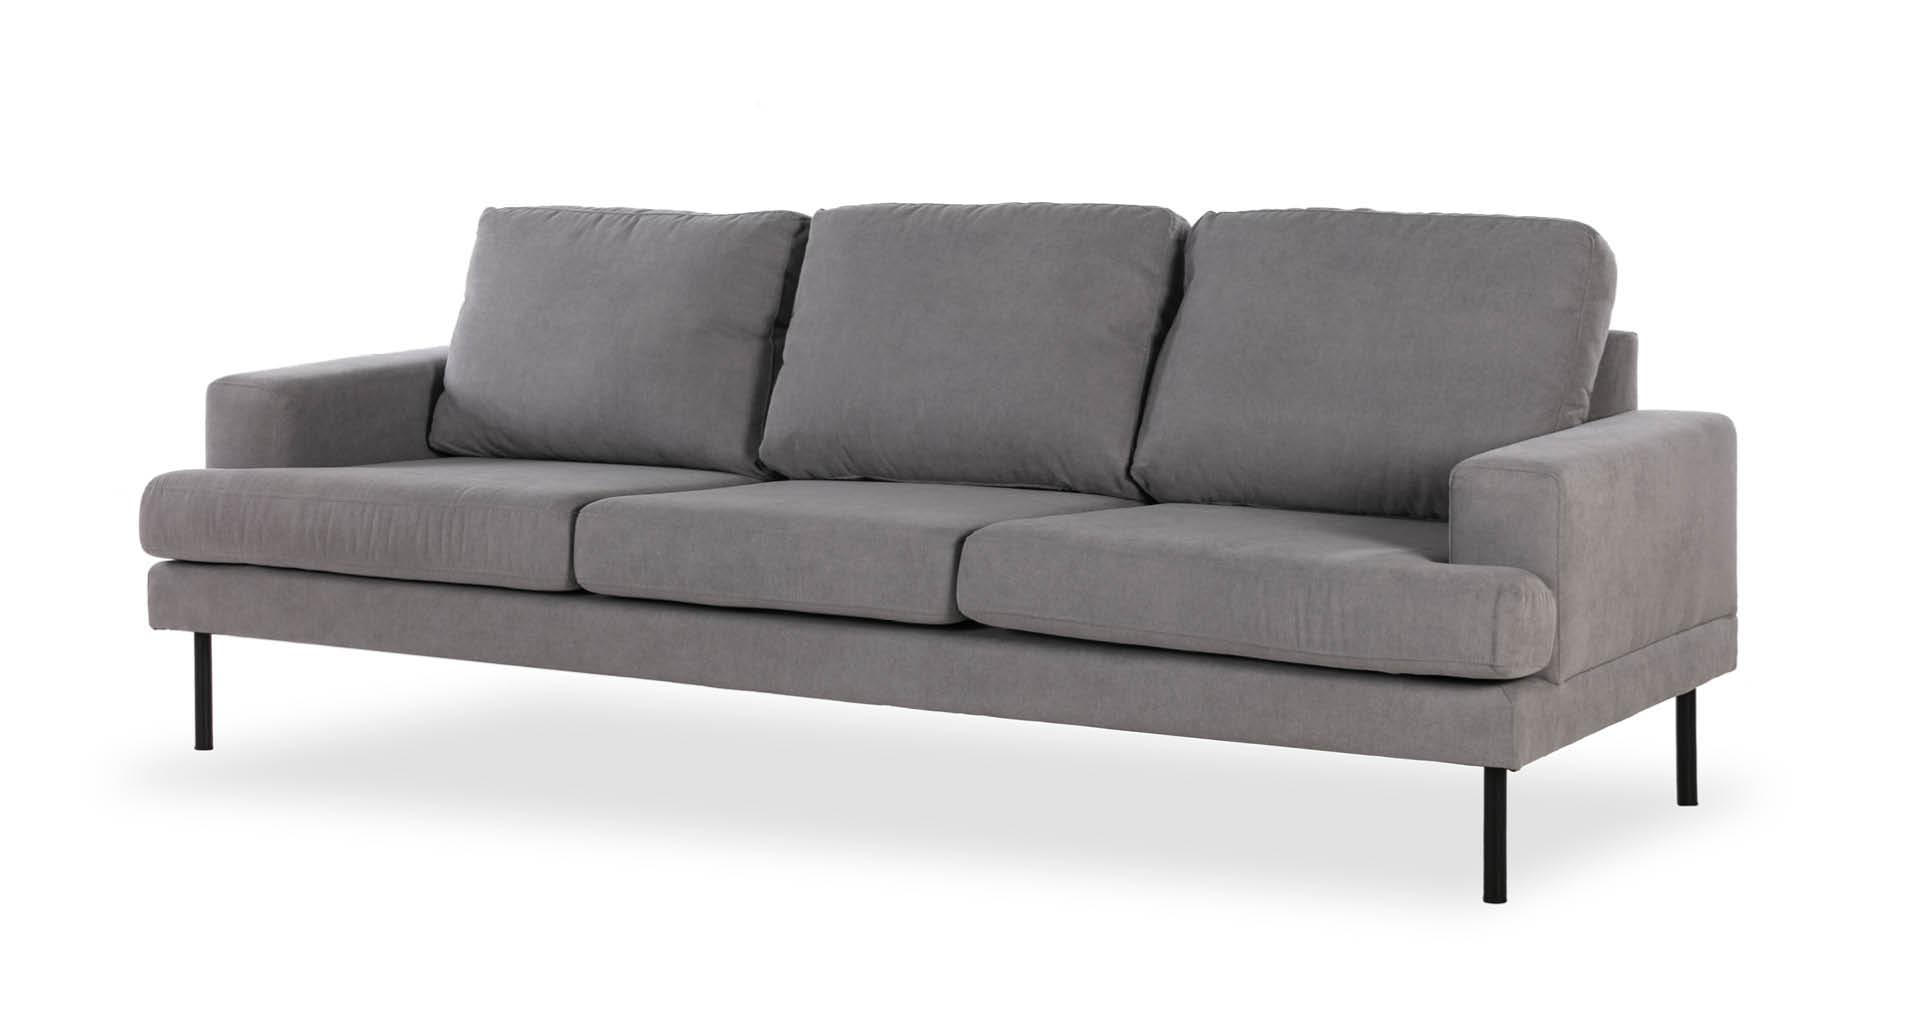 """ספה נוטינגהאם 231 ס""""מ בגוון אפור נורדי"""